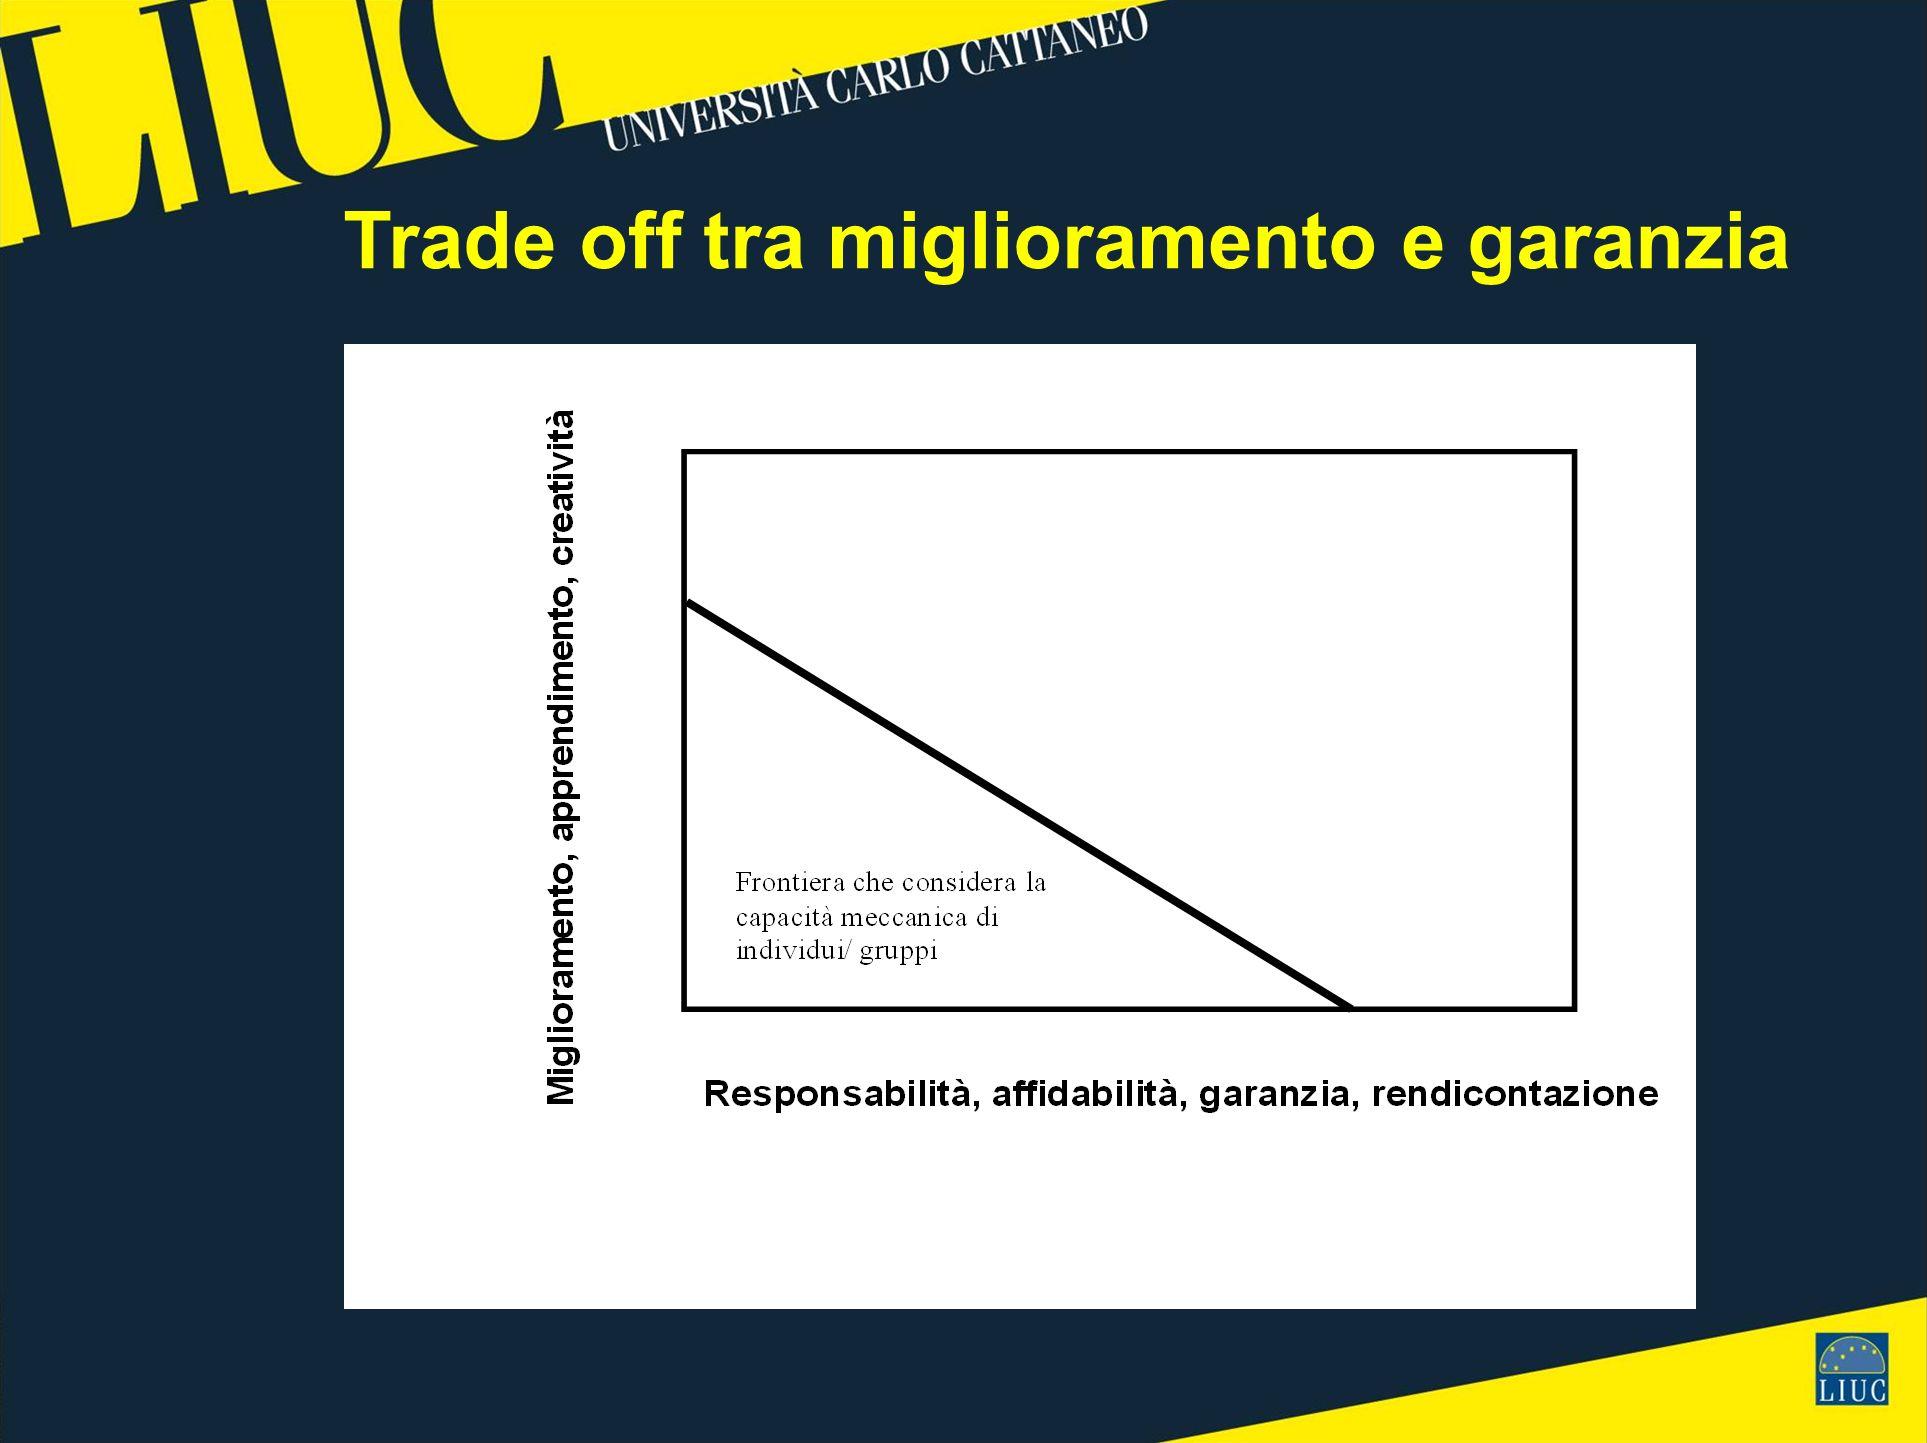 Trade off tra miglioramento e garanzia